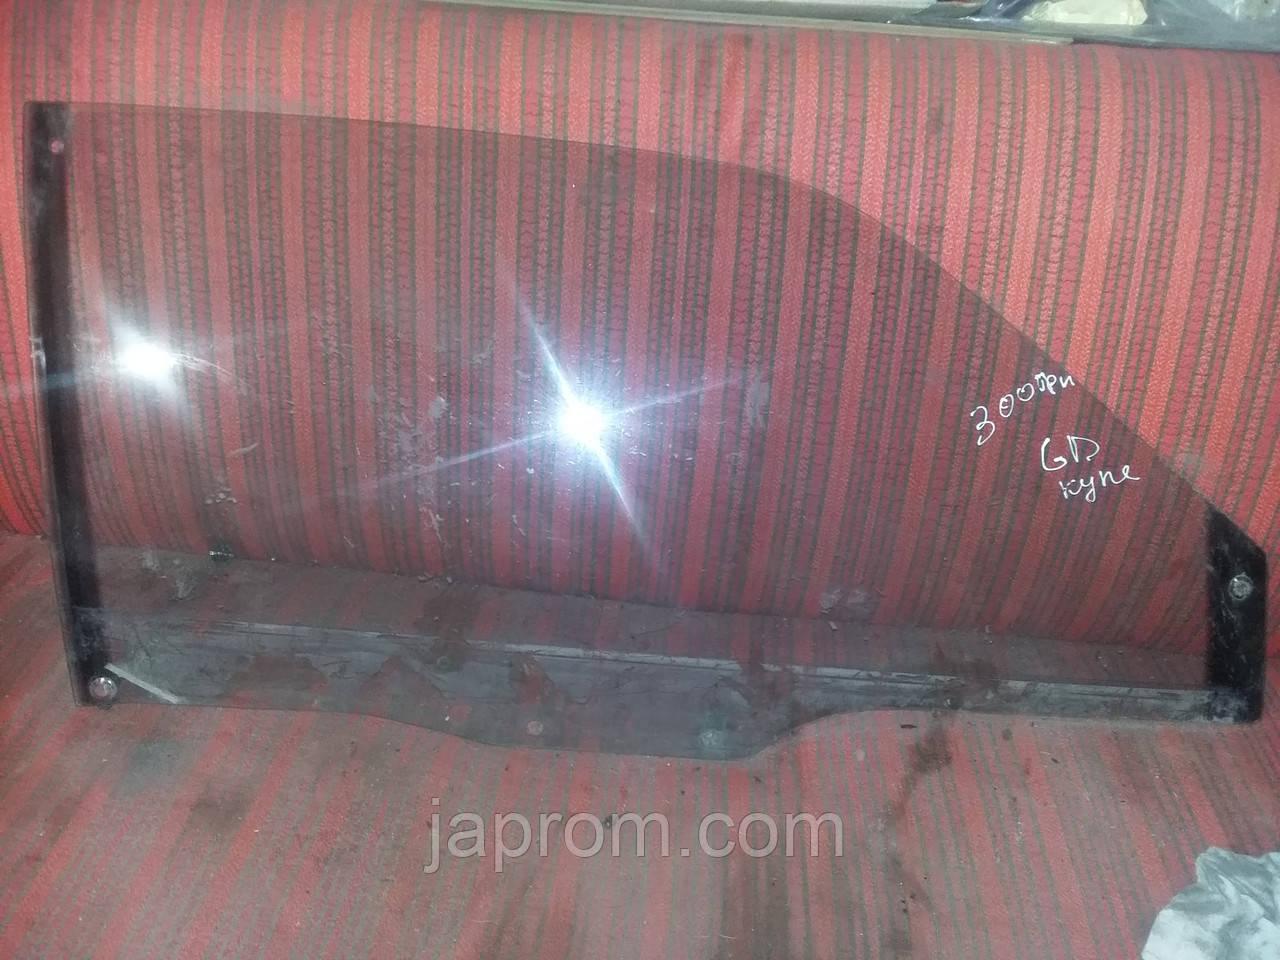 Стекло передней двериправой Mazda 626 GD (GV) 1987-1991 г.в. седан универсал